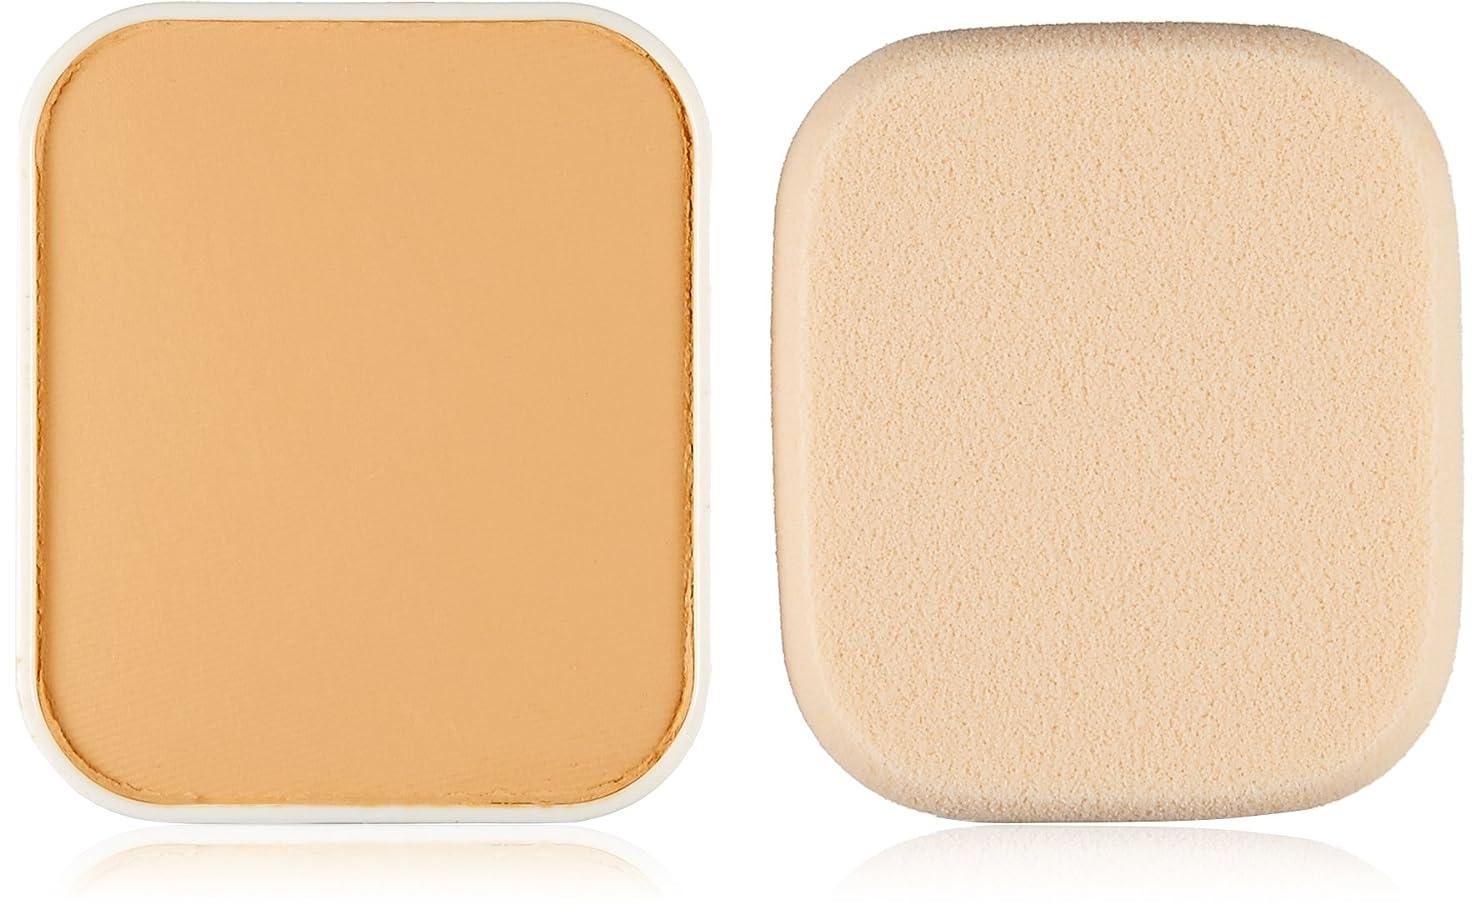 世界に死んだ取り出すランドリーインテグレート グレイシィ ホワイトパクトEX オークル20 (レフィル) 自然な肌色 (SPF26?PA+++) 11g